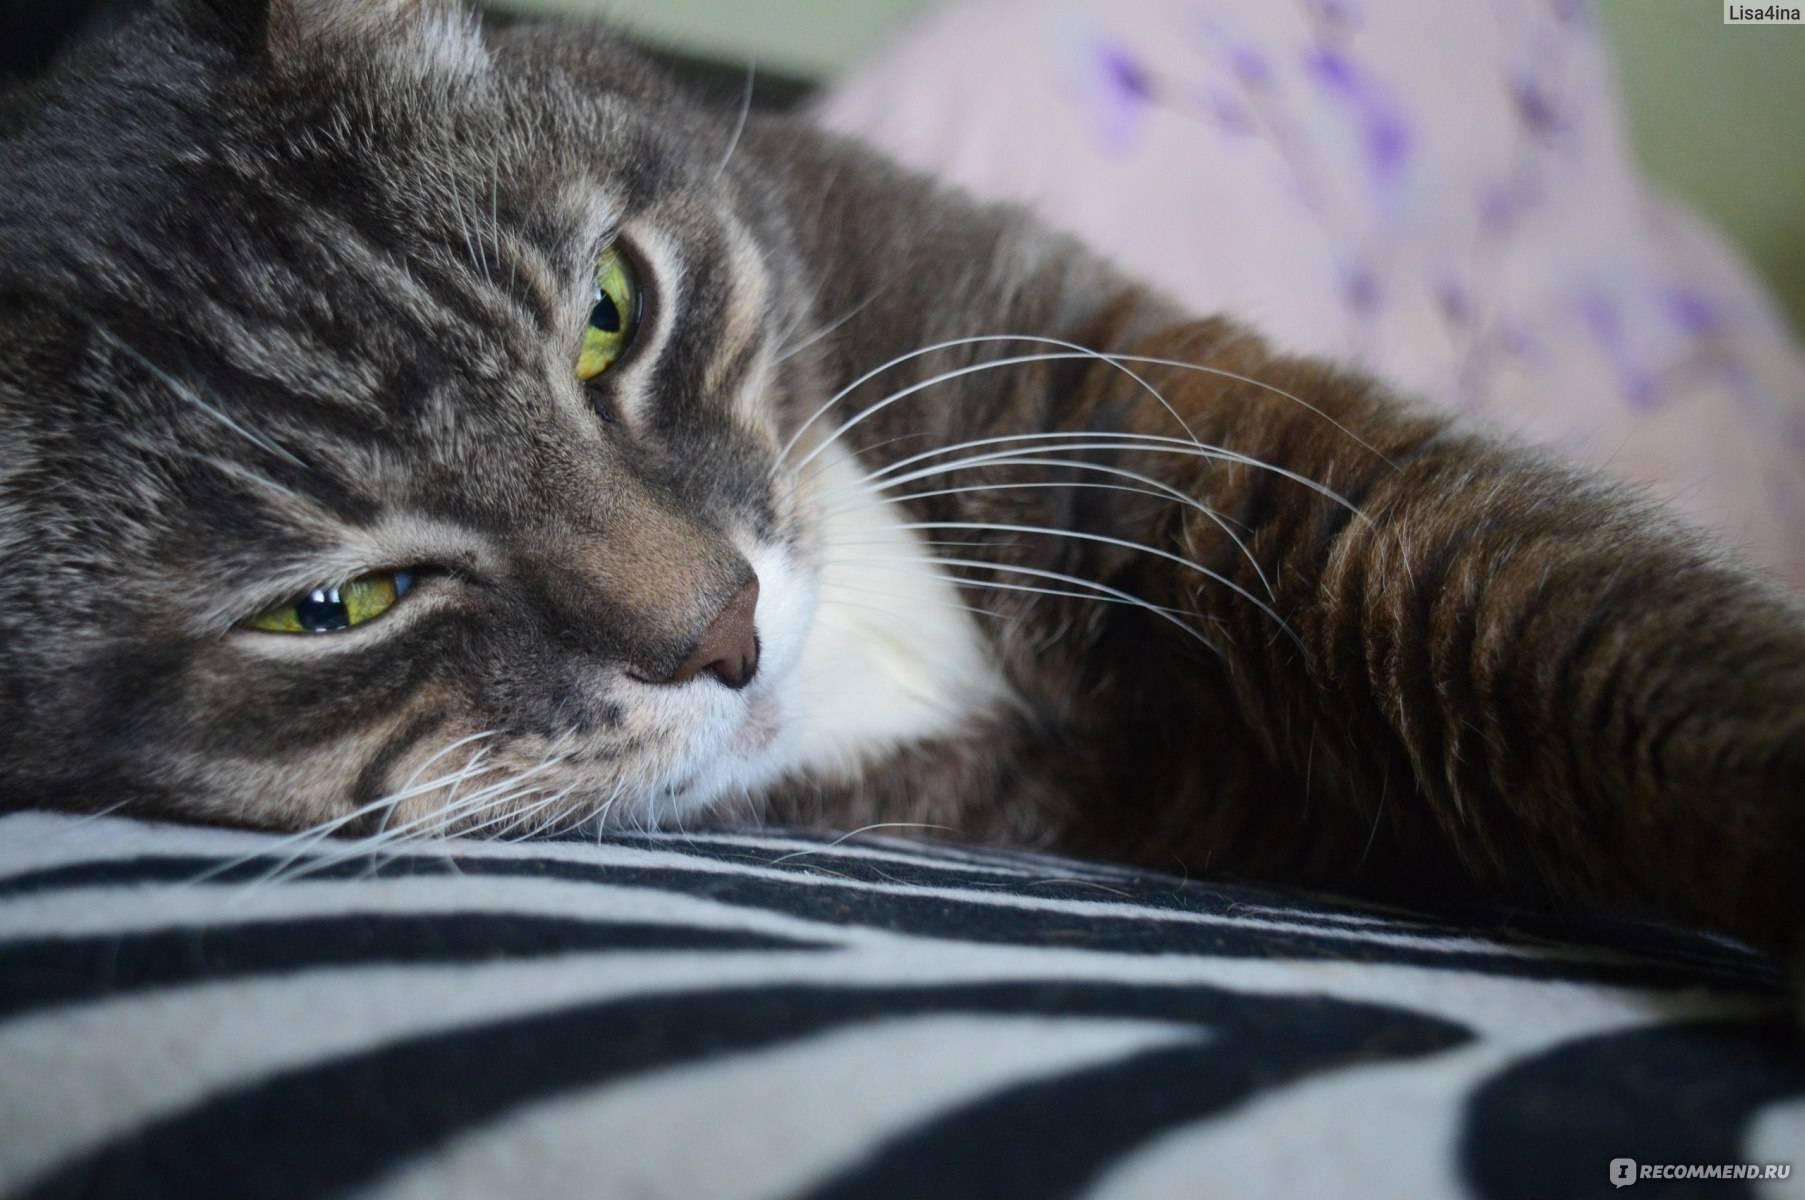 Беспородные кошки: особенности и уход в домашних условиях, содержание кота и его повадки